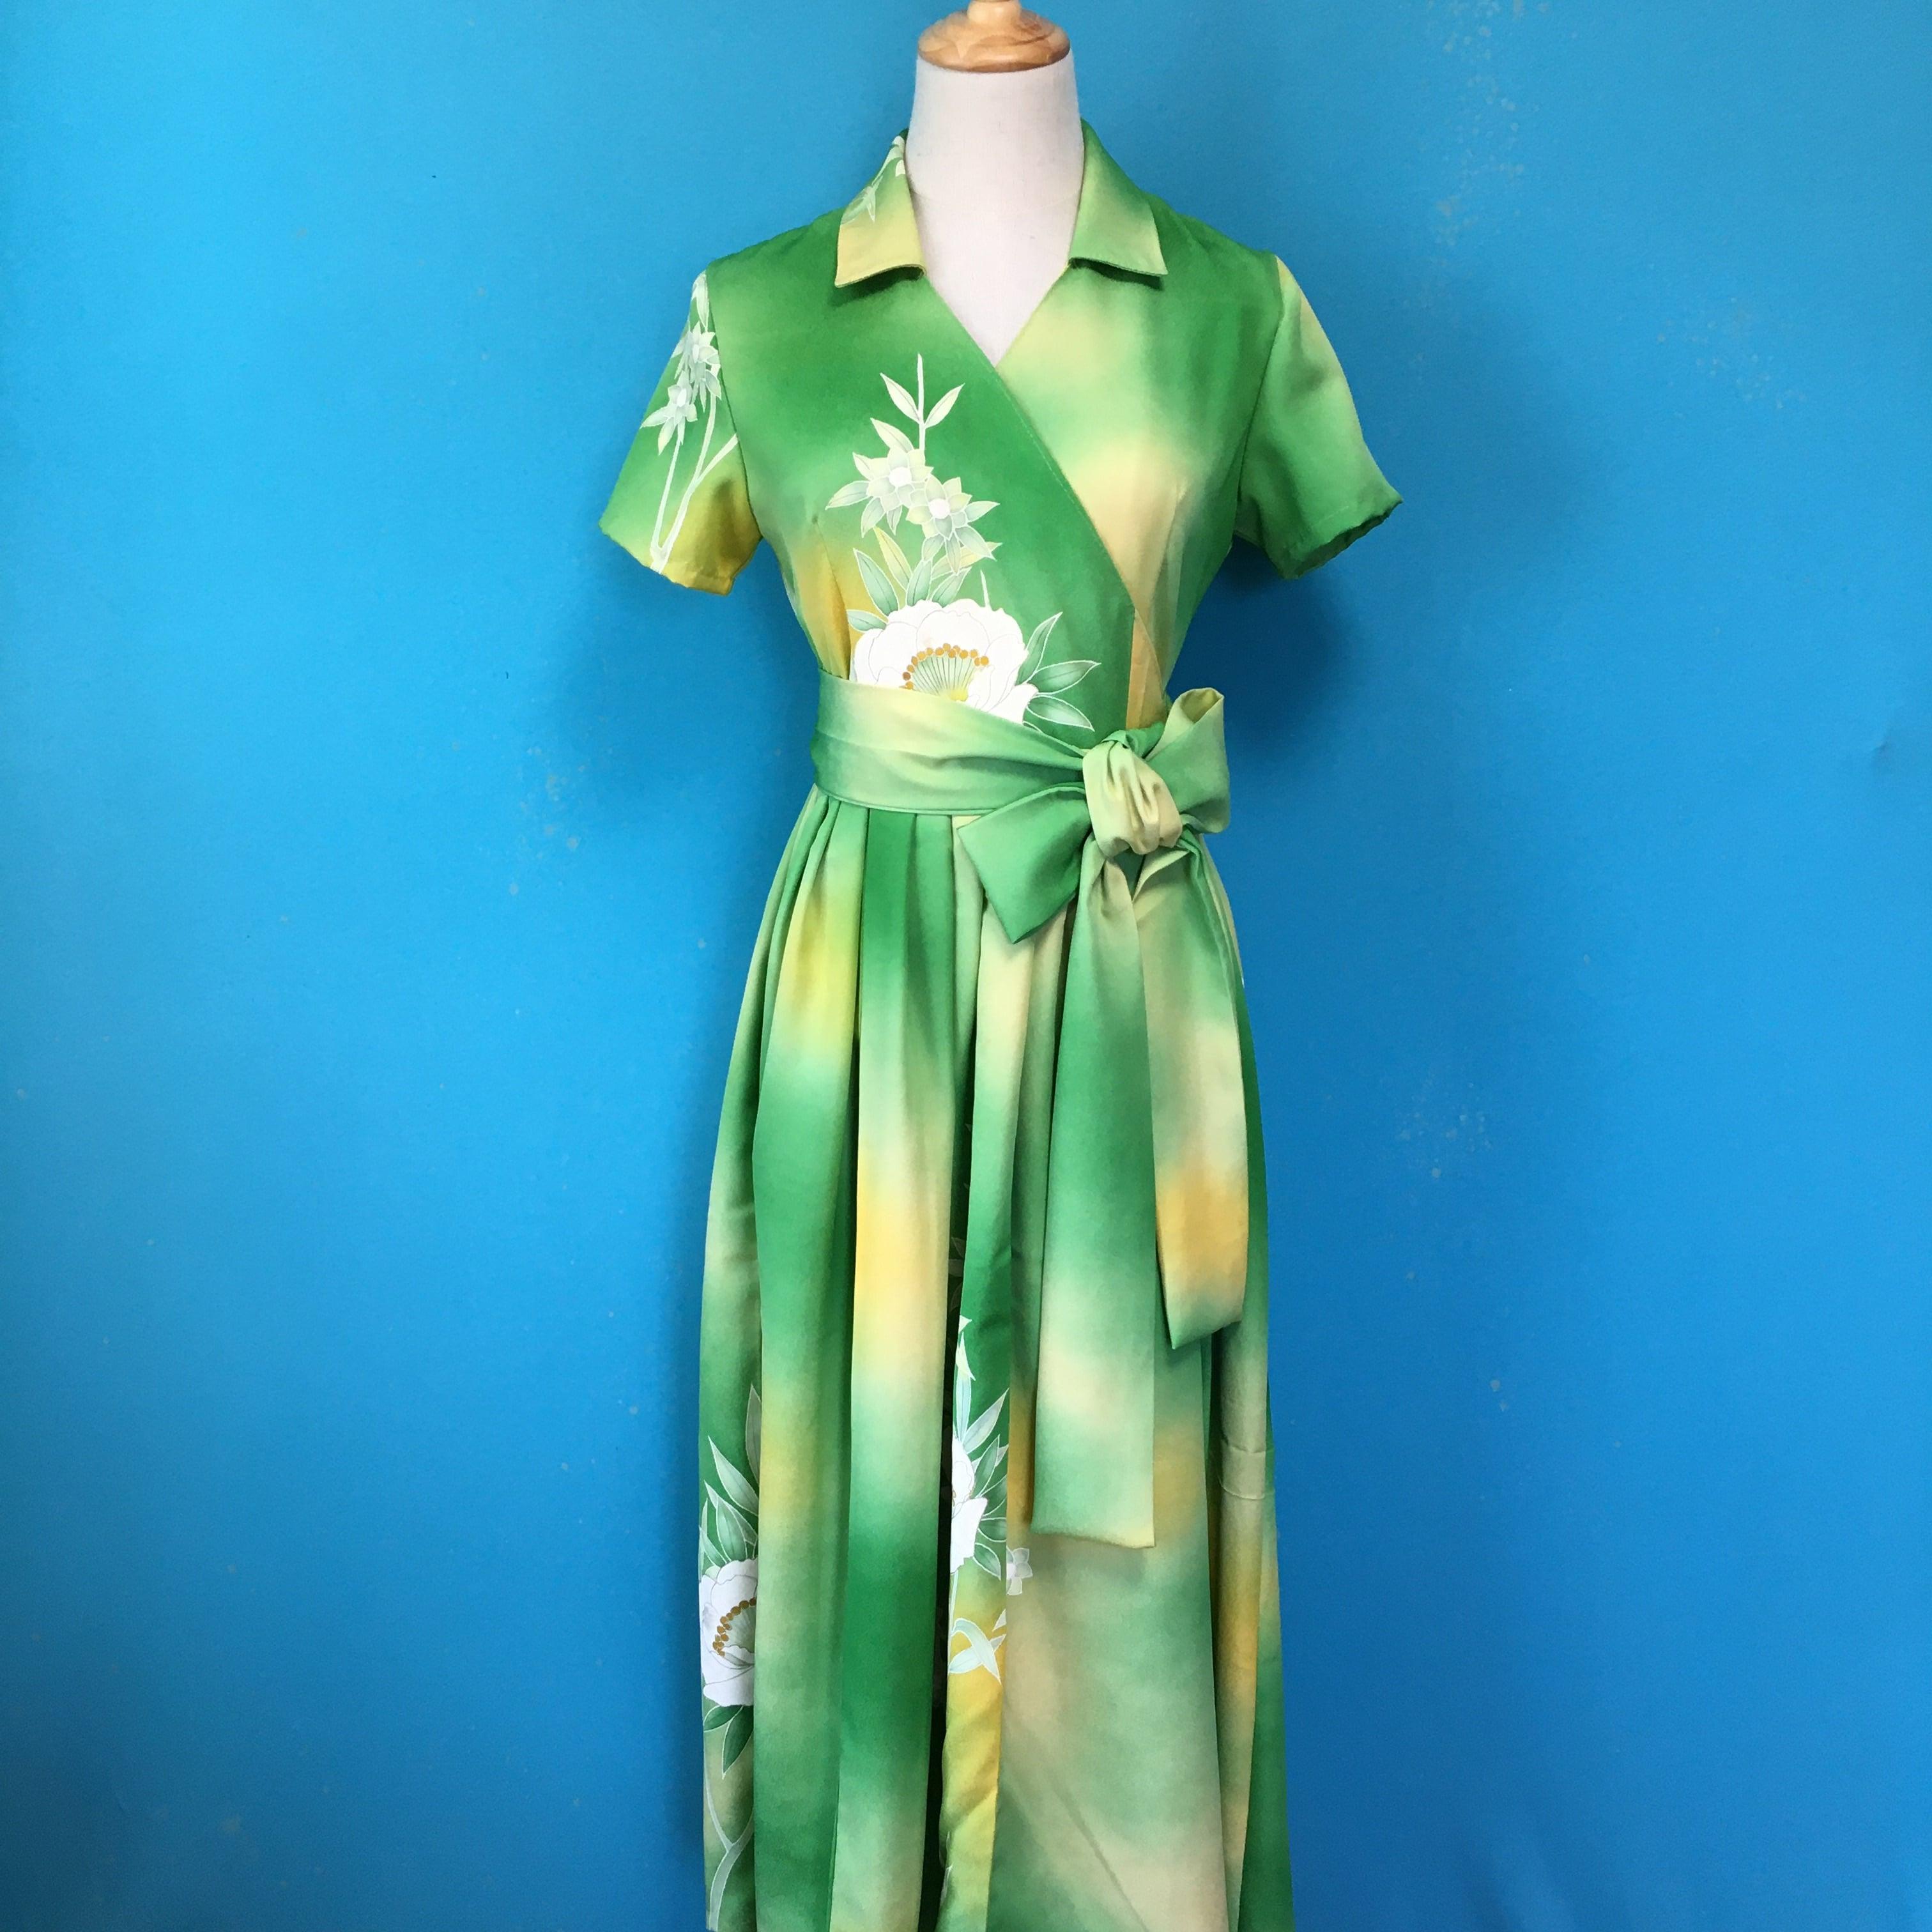 Vintage kimono dress/ US 6 green 訪問着